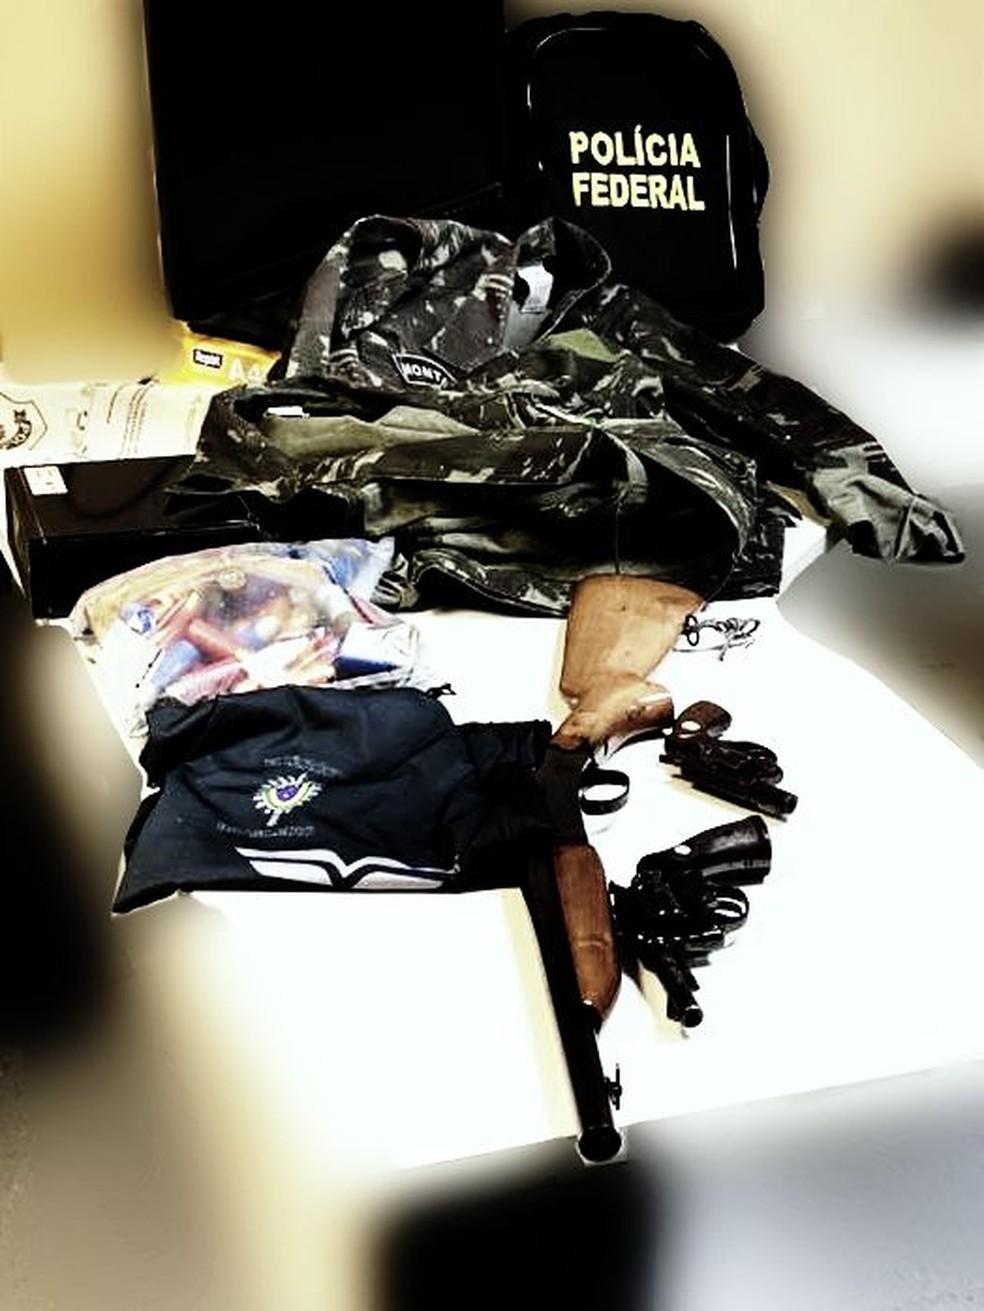 Três armas foram apreendidas com suspeito de fazer ameaças de morte — Foto: Polícia Federal/Divulgação